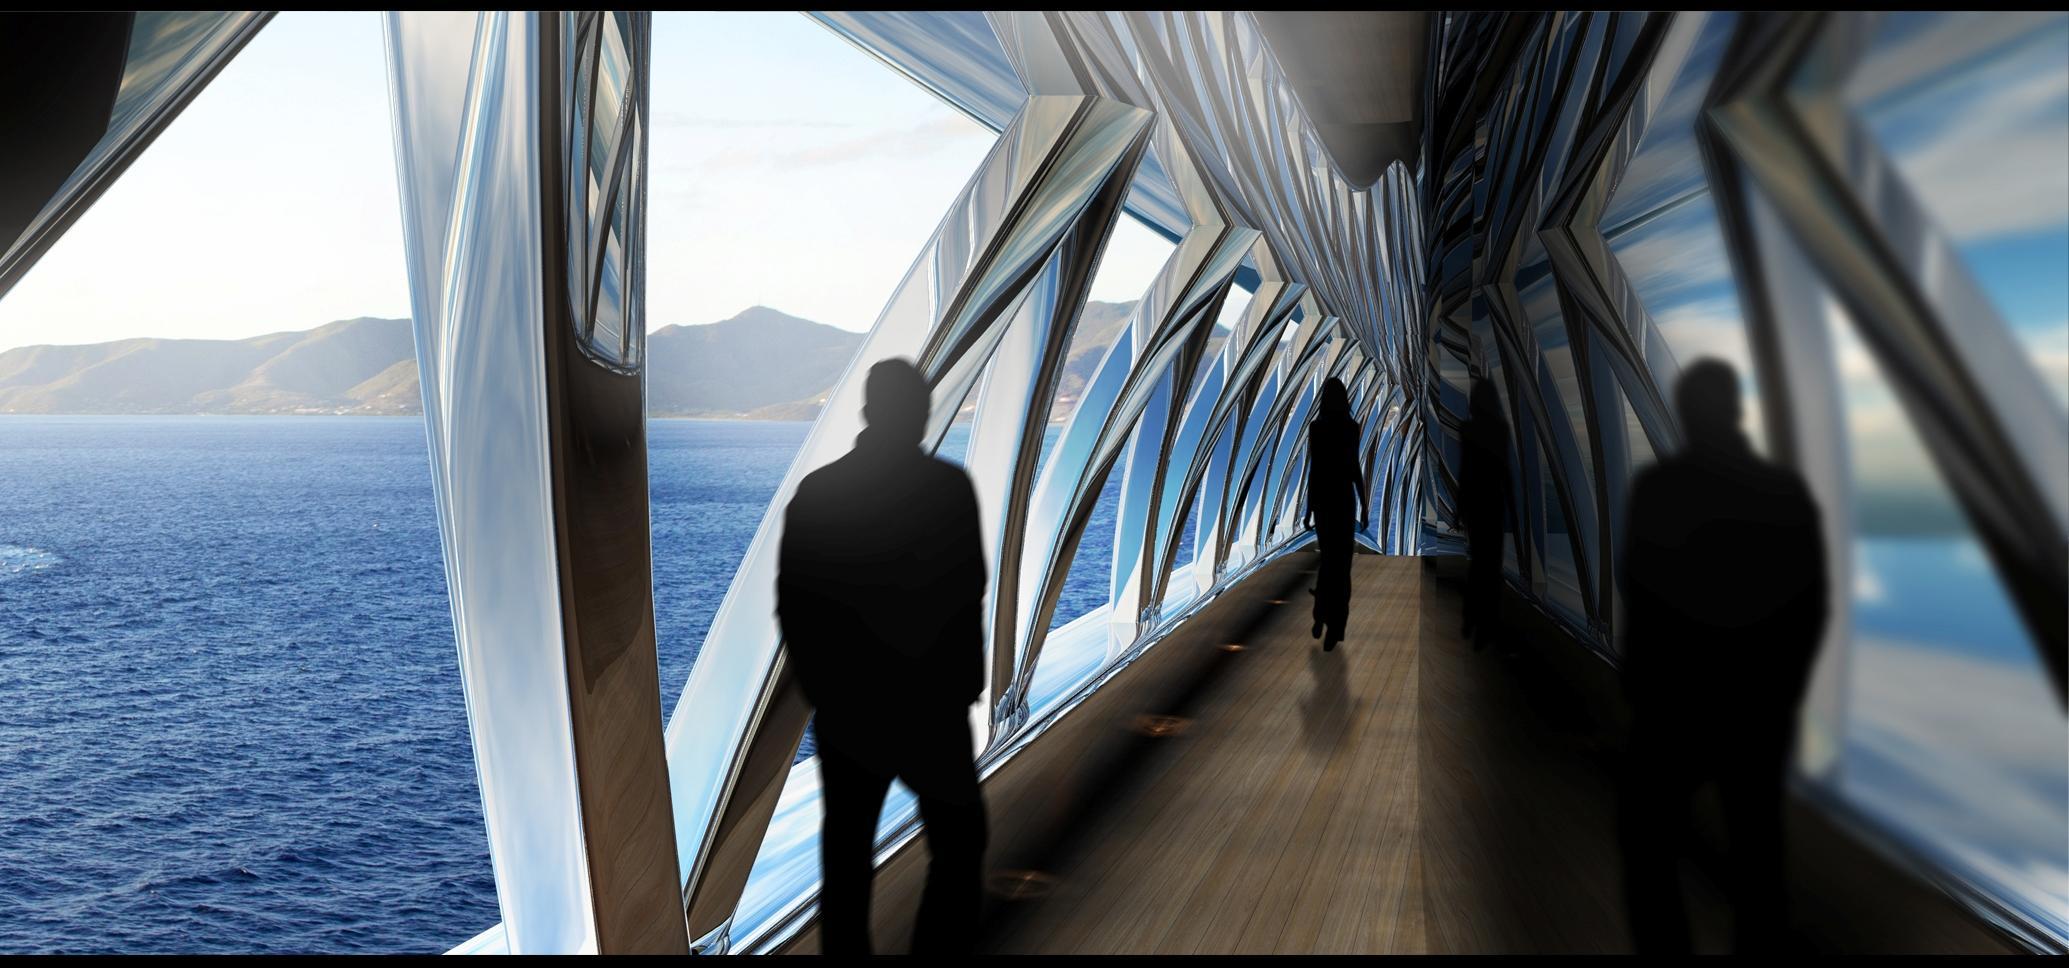 Fincantieri-145m-Fortissimo-superyacht-by-Ken-Freivokh-Design-3